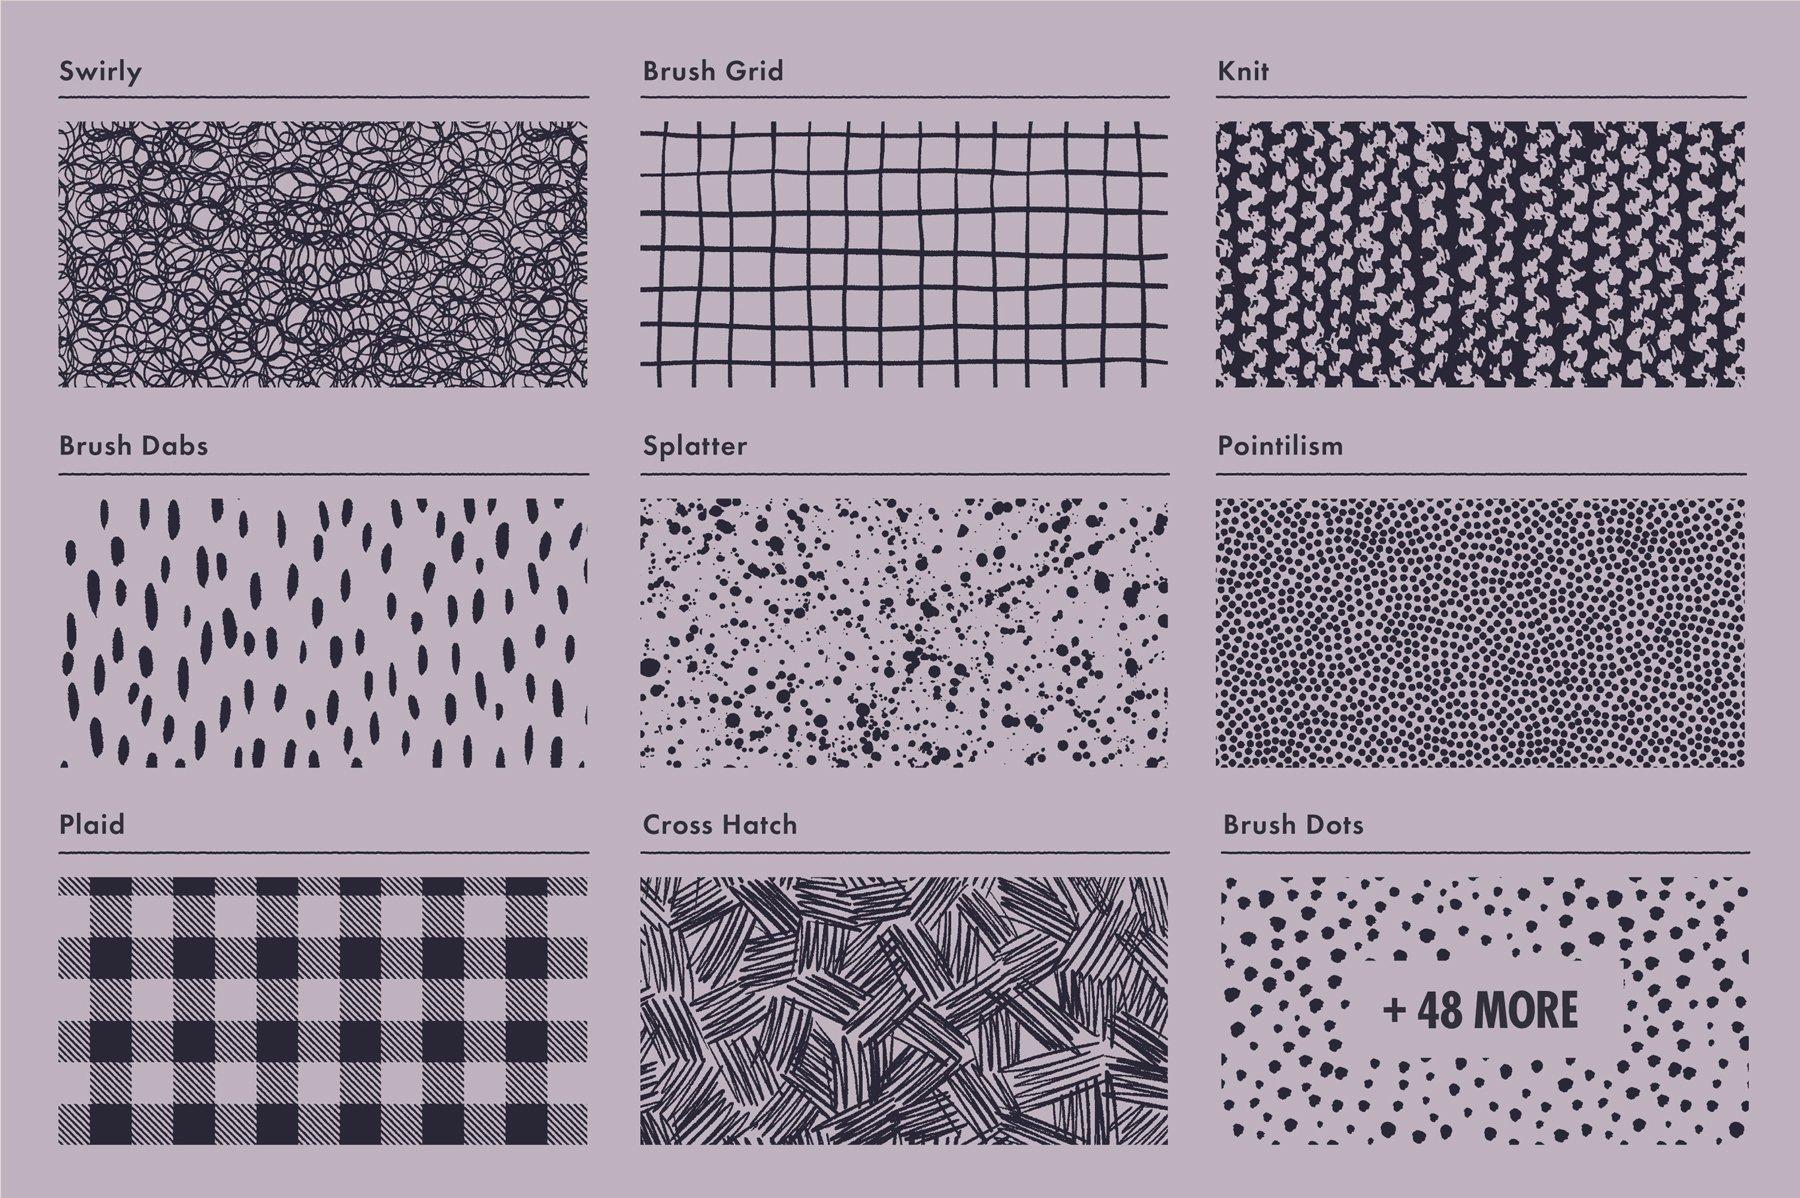 [淘宝购买] 60多款裂纹颗粒线条飞溅绘画画笔AI矢量笔刷素材 Lithotone Dstrssd Pattern Swatches插图5